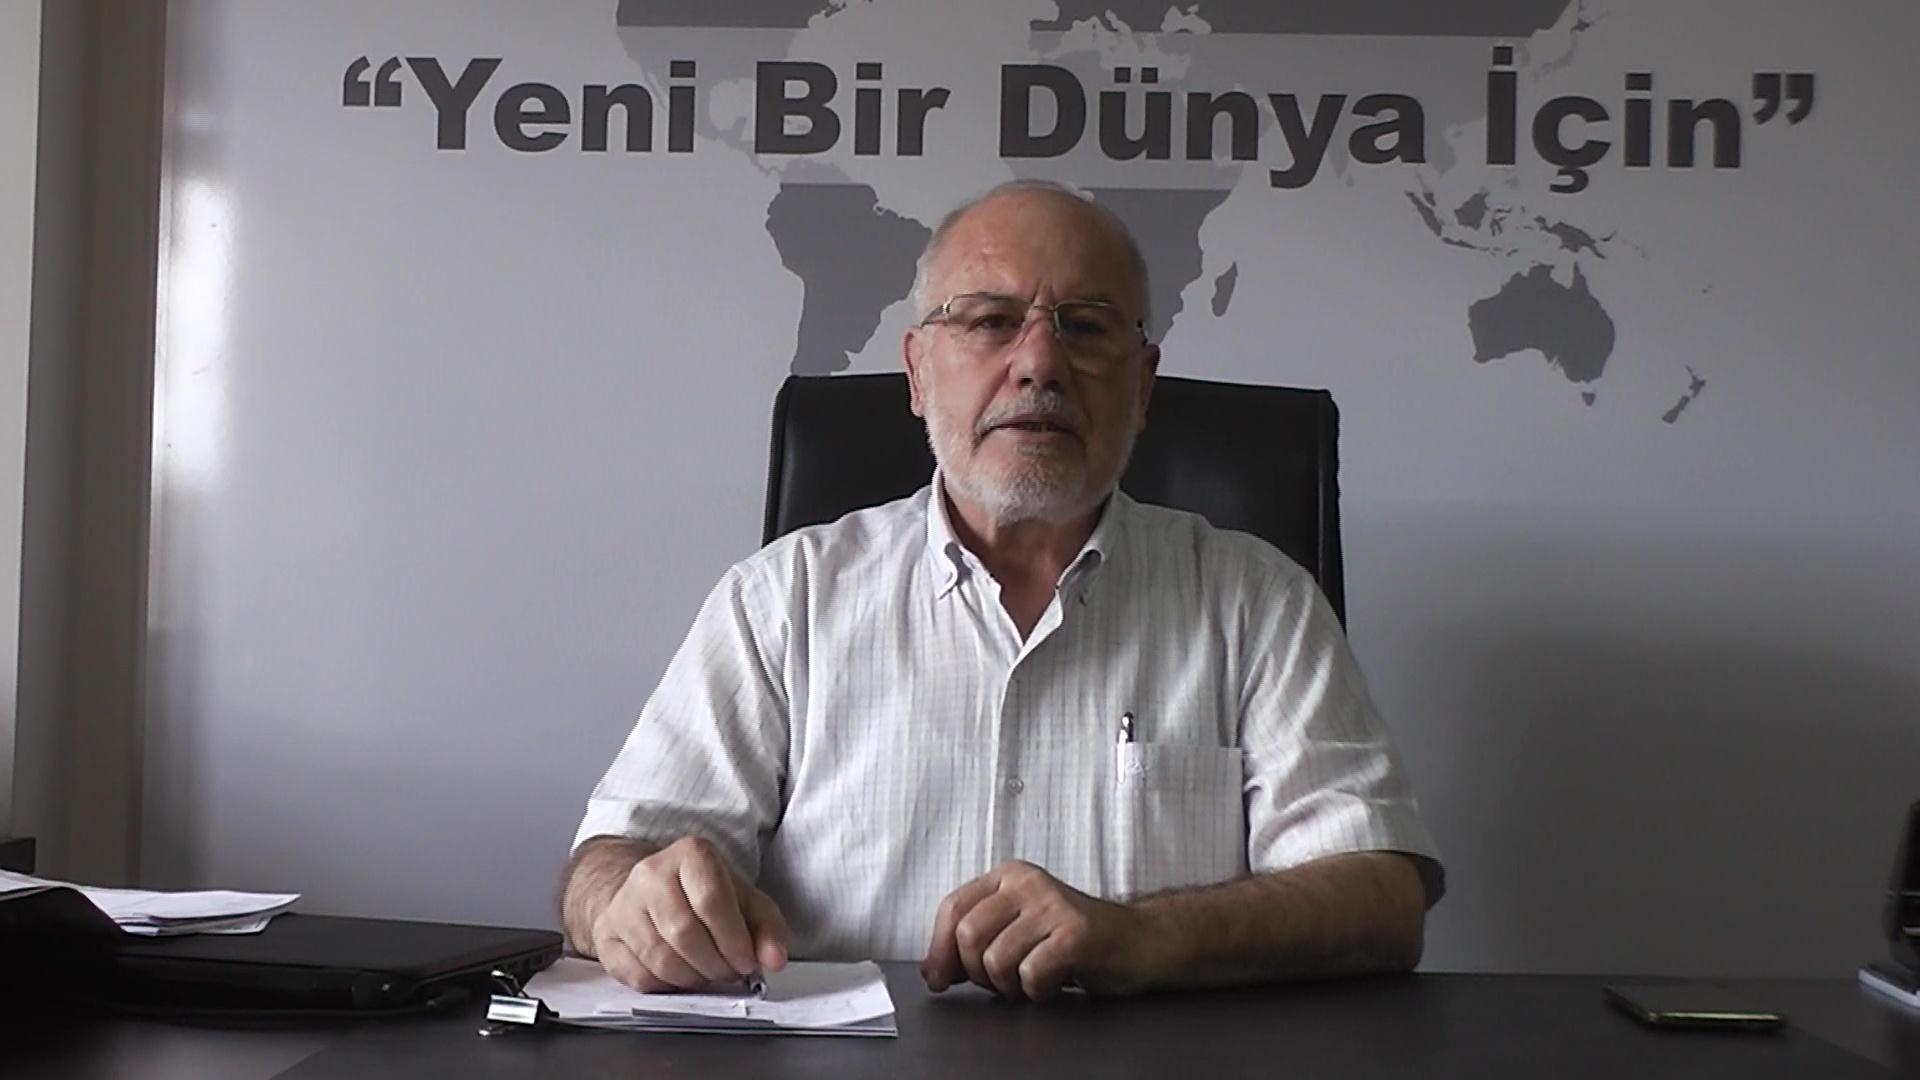 SP İl Başkanı Yunuz Acar 24 Haziran Genel Seçimlerindeki Oy Dağılımı Hakkında Bilgi Verdi